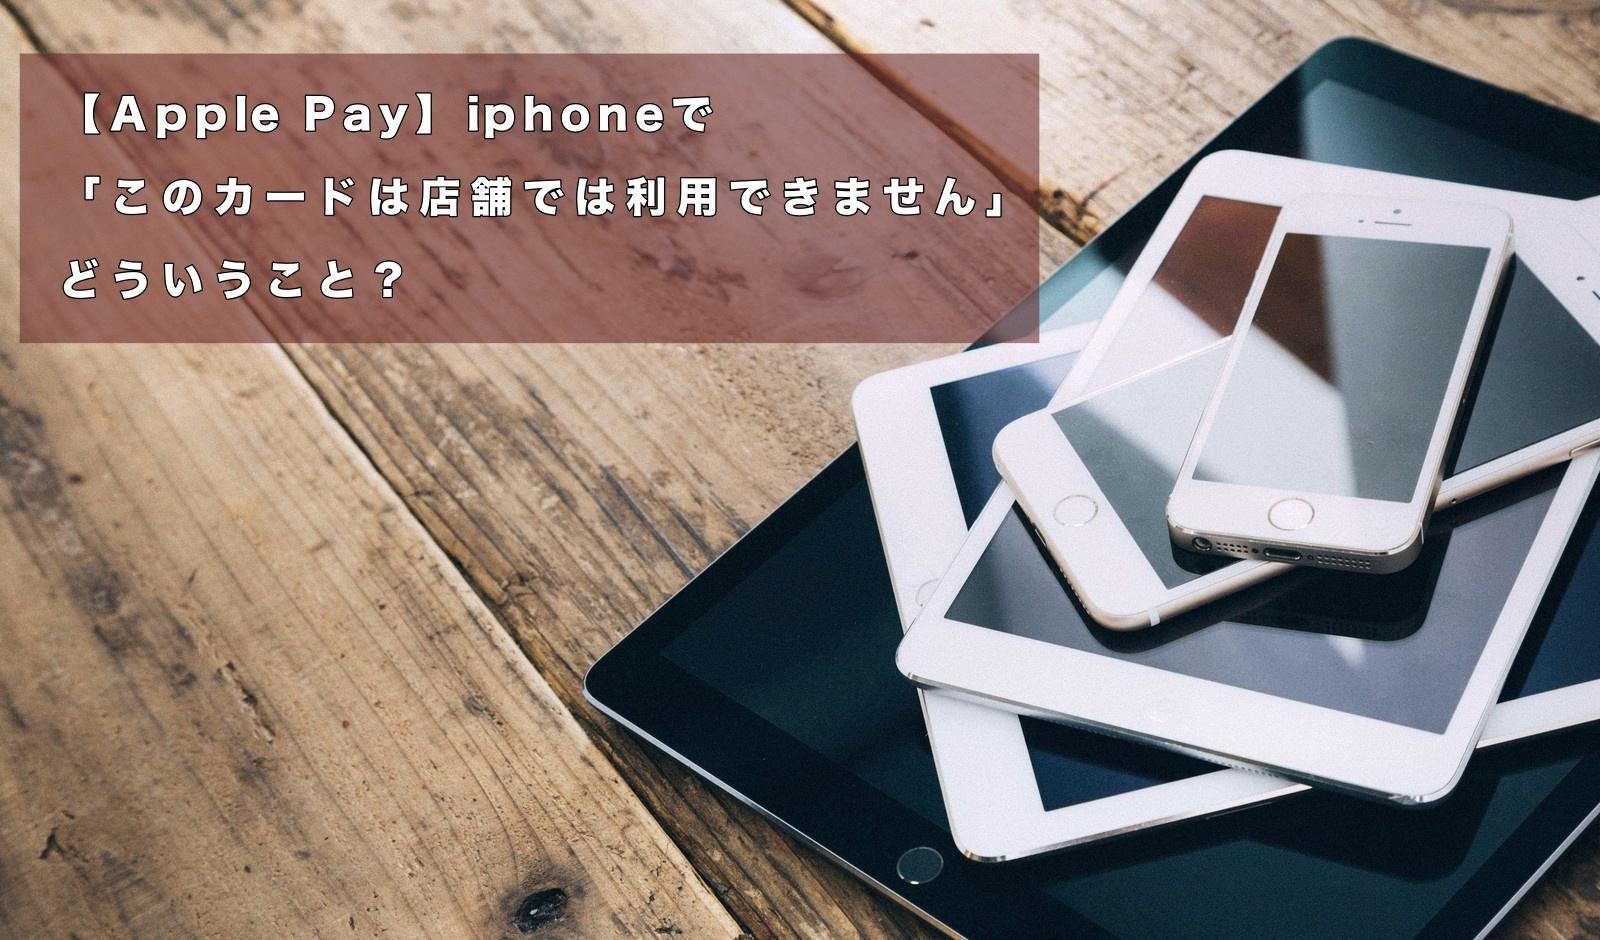 【Apple Pay】iphoneで「このカードは店舗では利用できません」どういうこと?